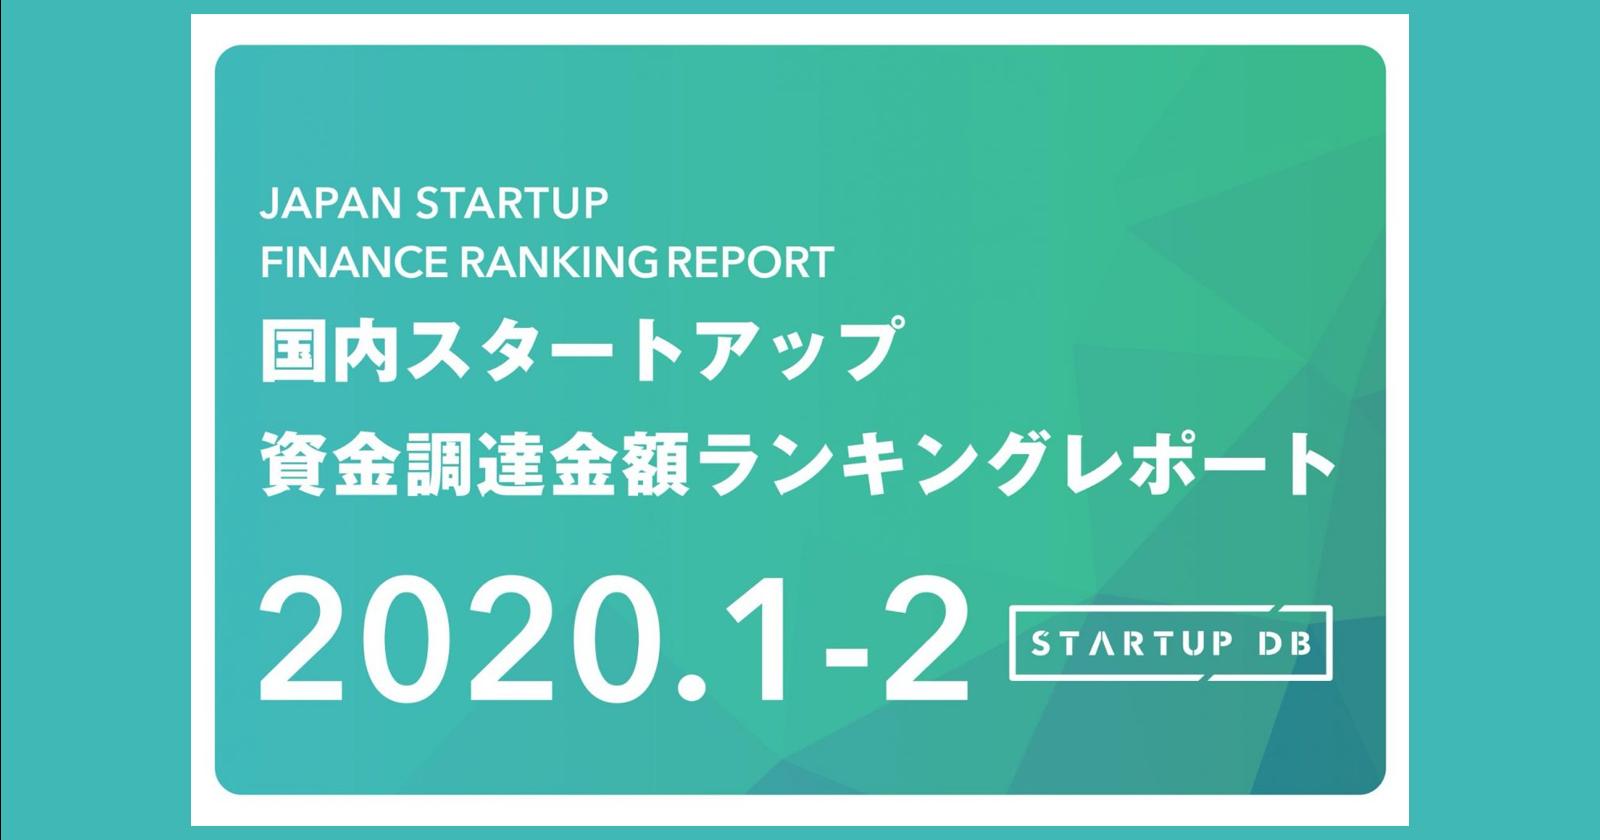 【STARTUP DB】調査結果 国内スタートアップ資金調達ランキング ベルフェイスのランクインにより50億円以上の資金調達を実施した企業が3社に